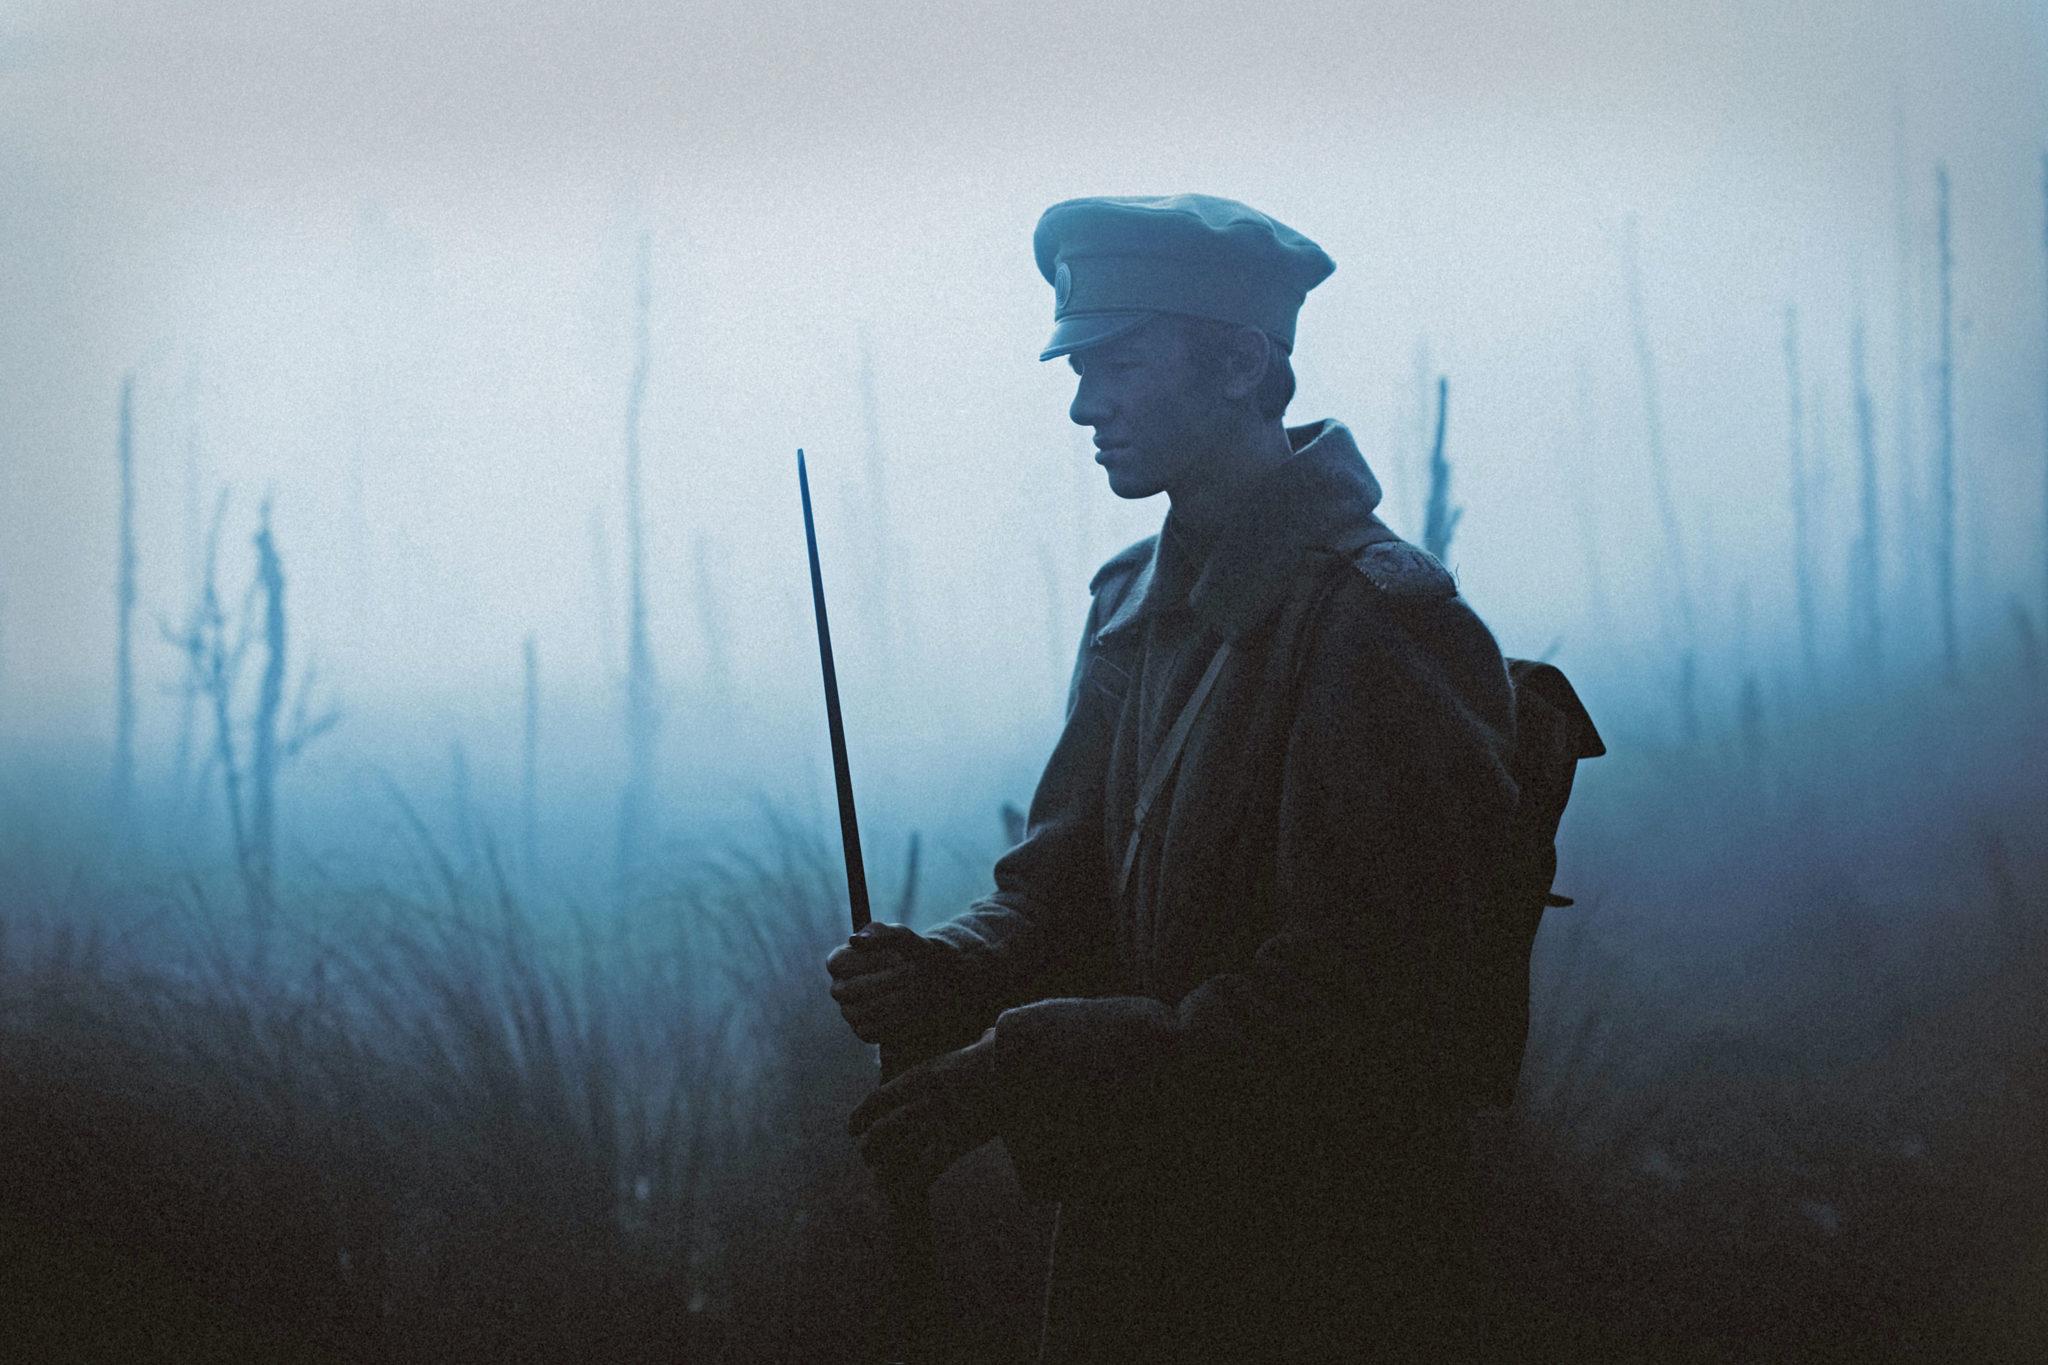 Beeindruckende Bilder im nebligen Moor (Foto: Pandastorm Pictures)